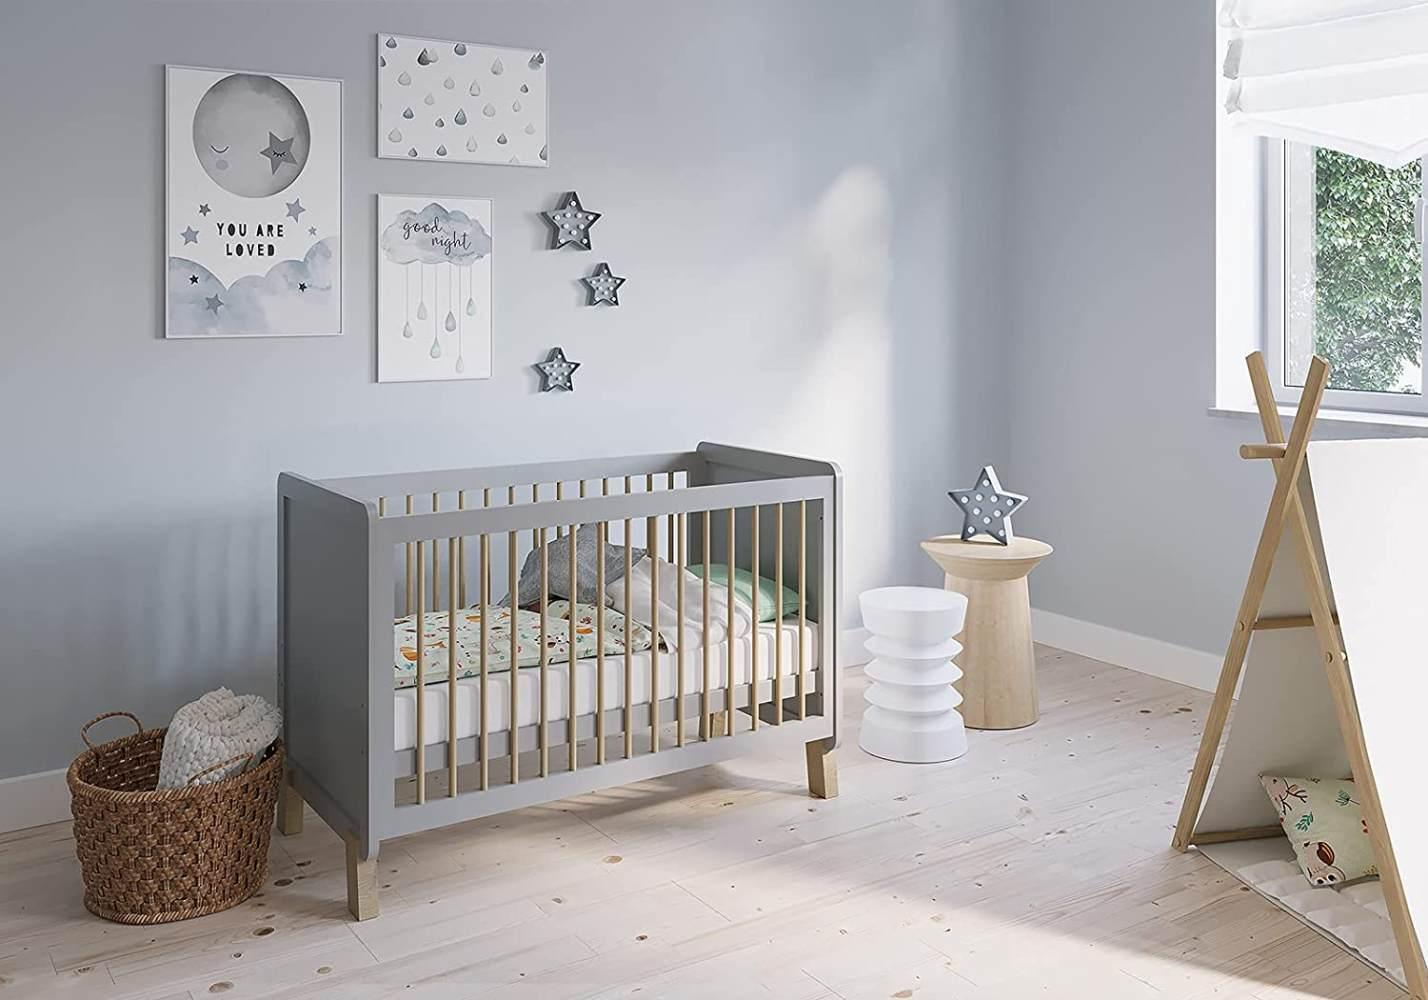 FabiMax 'Nachteule' Kinderbett, 60 x 120 cm, grau/natur, Kiefer massiv, 3-fach höhenverstellbar, umbaubar, mit Matratze Comfort Bild 1